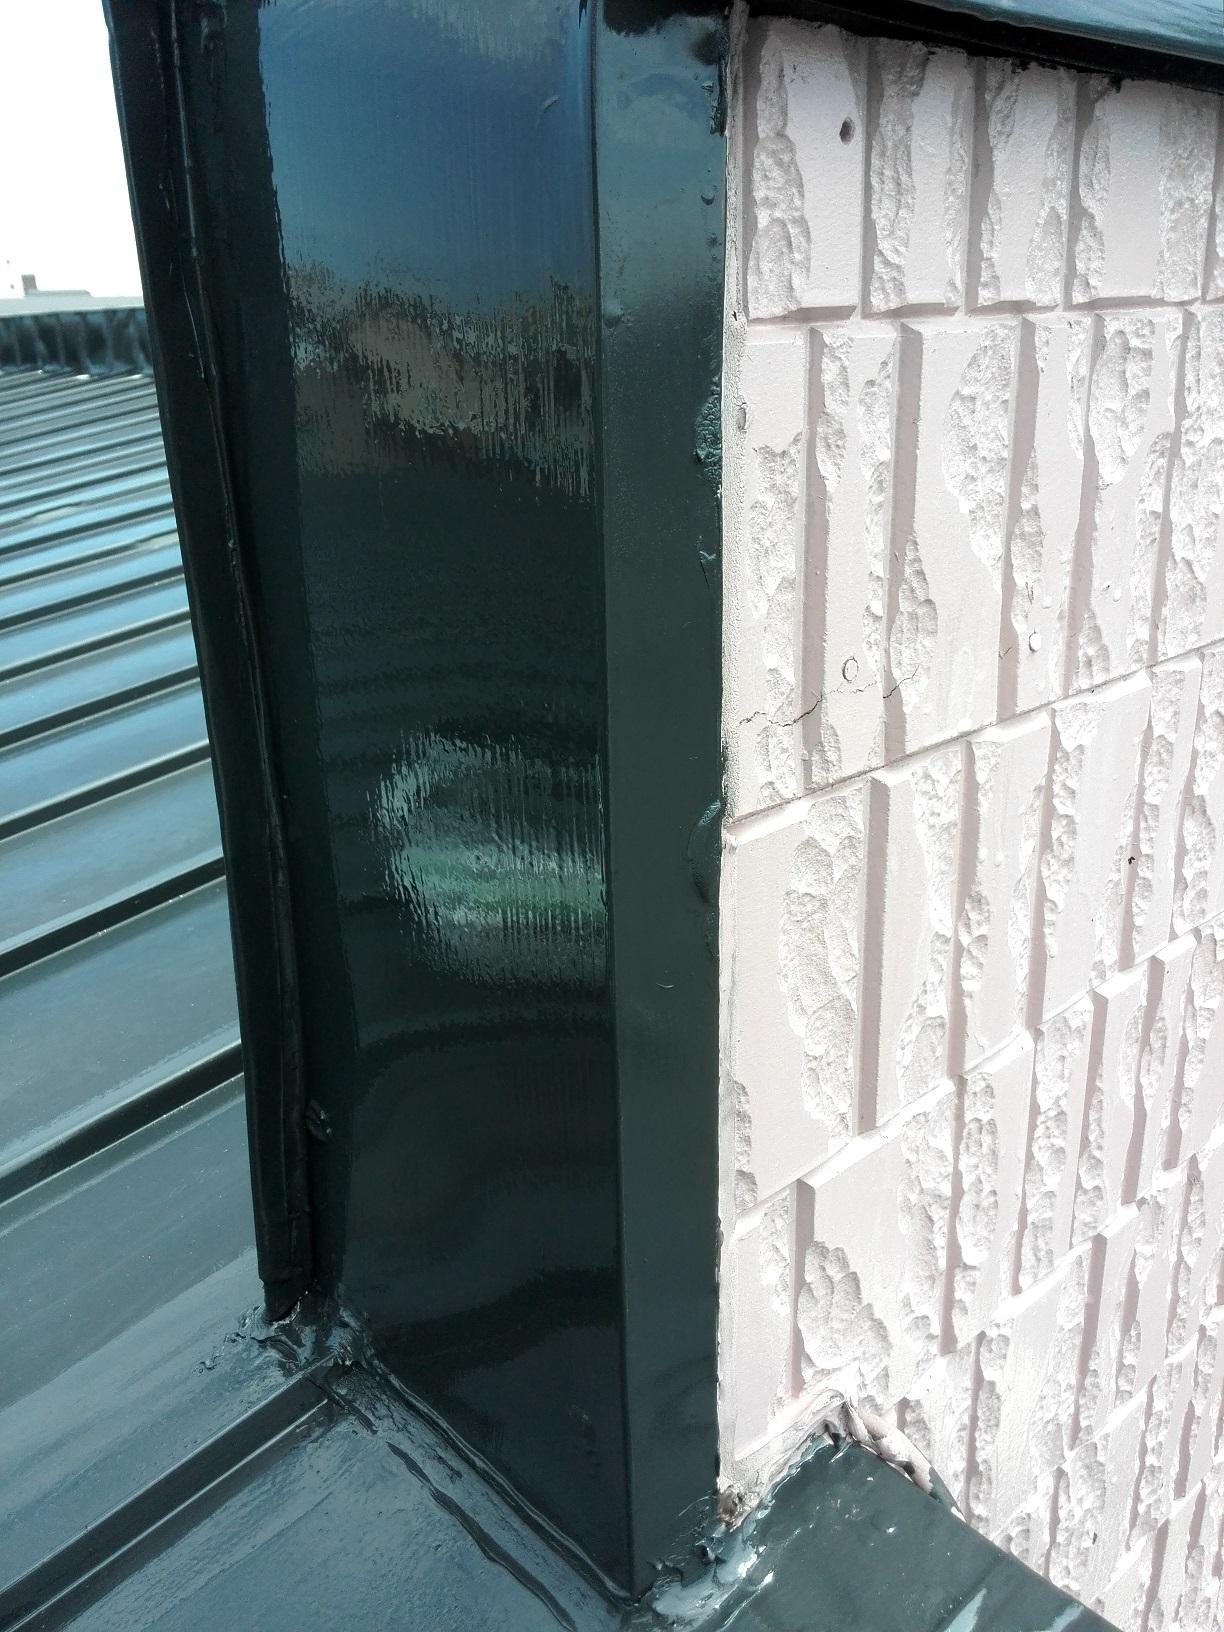 若竹町 M様邸住宅 屋根パラペット立ち上げ部 塗装後